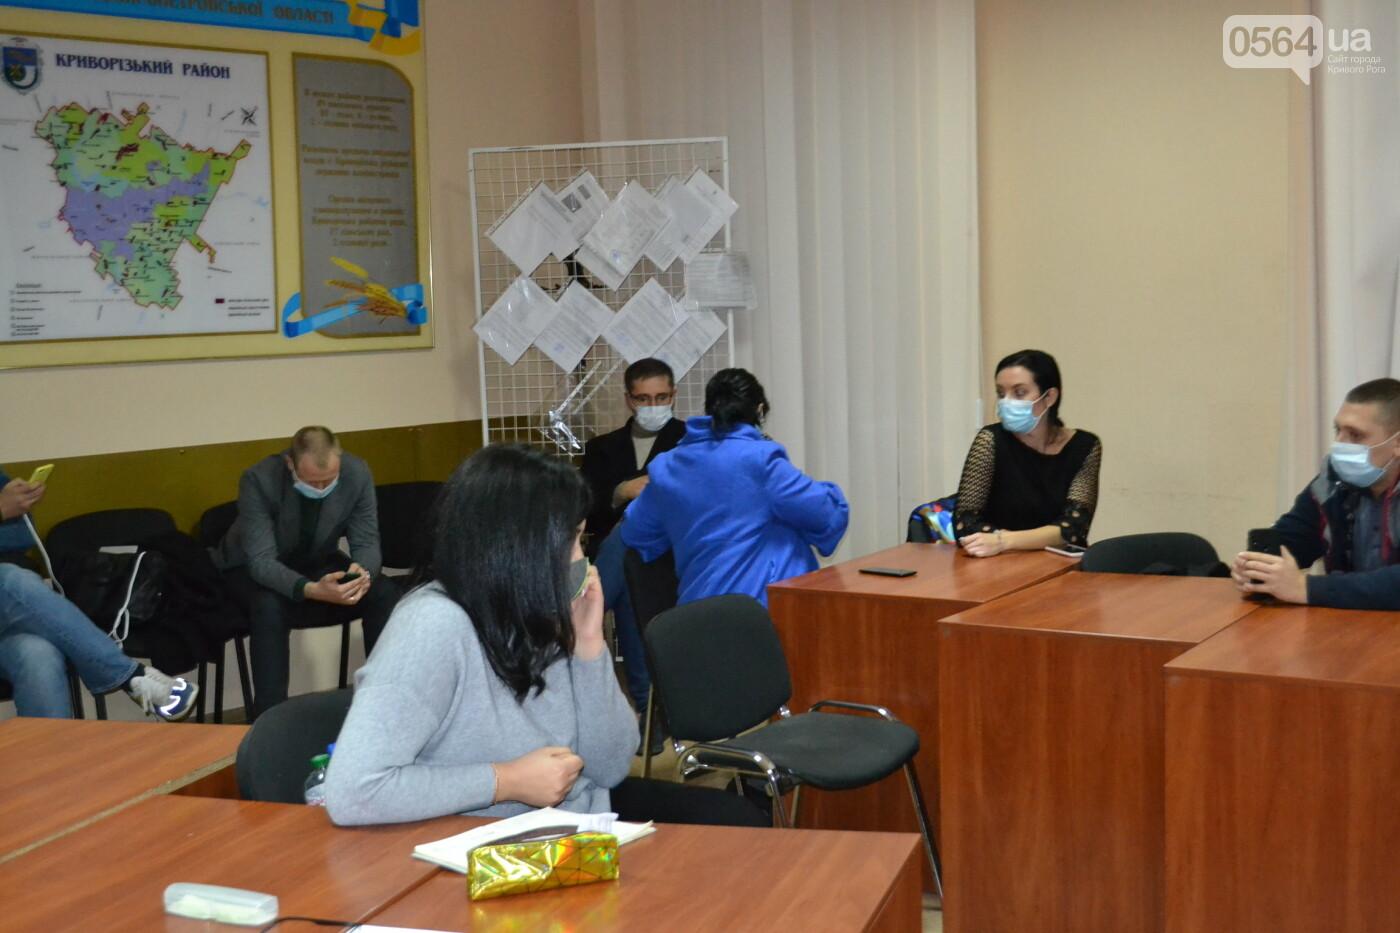 Криворожская РИК продолжает принимать протоколы об итогах голосования на выборах в райсовет, - ФОТО, фото-5